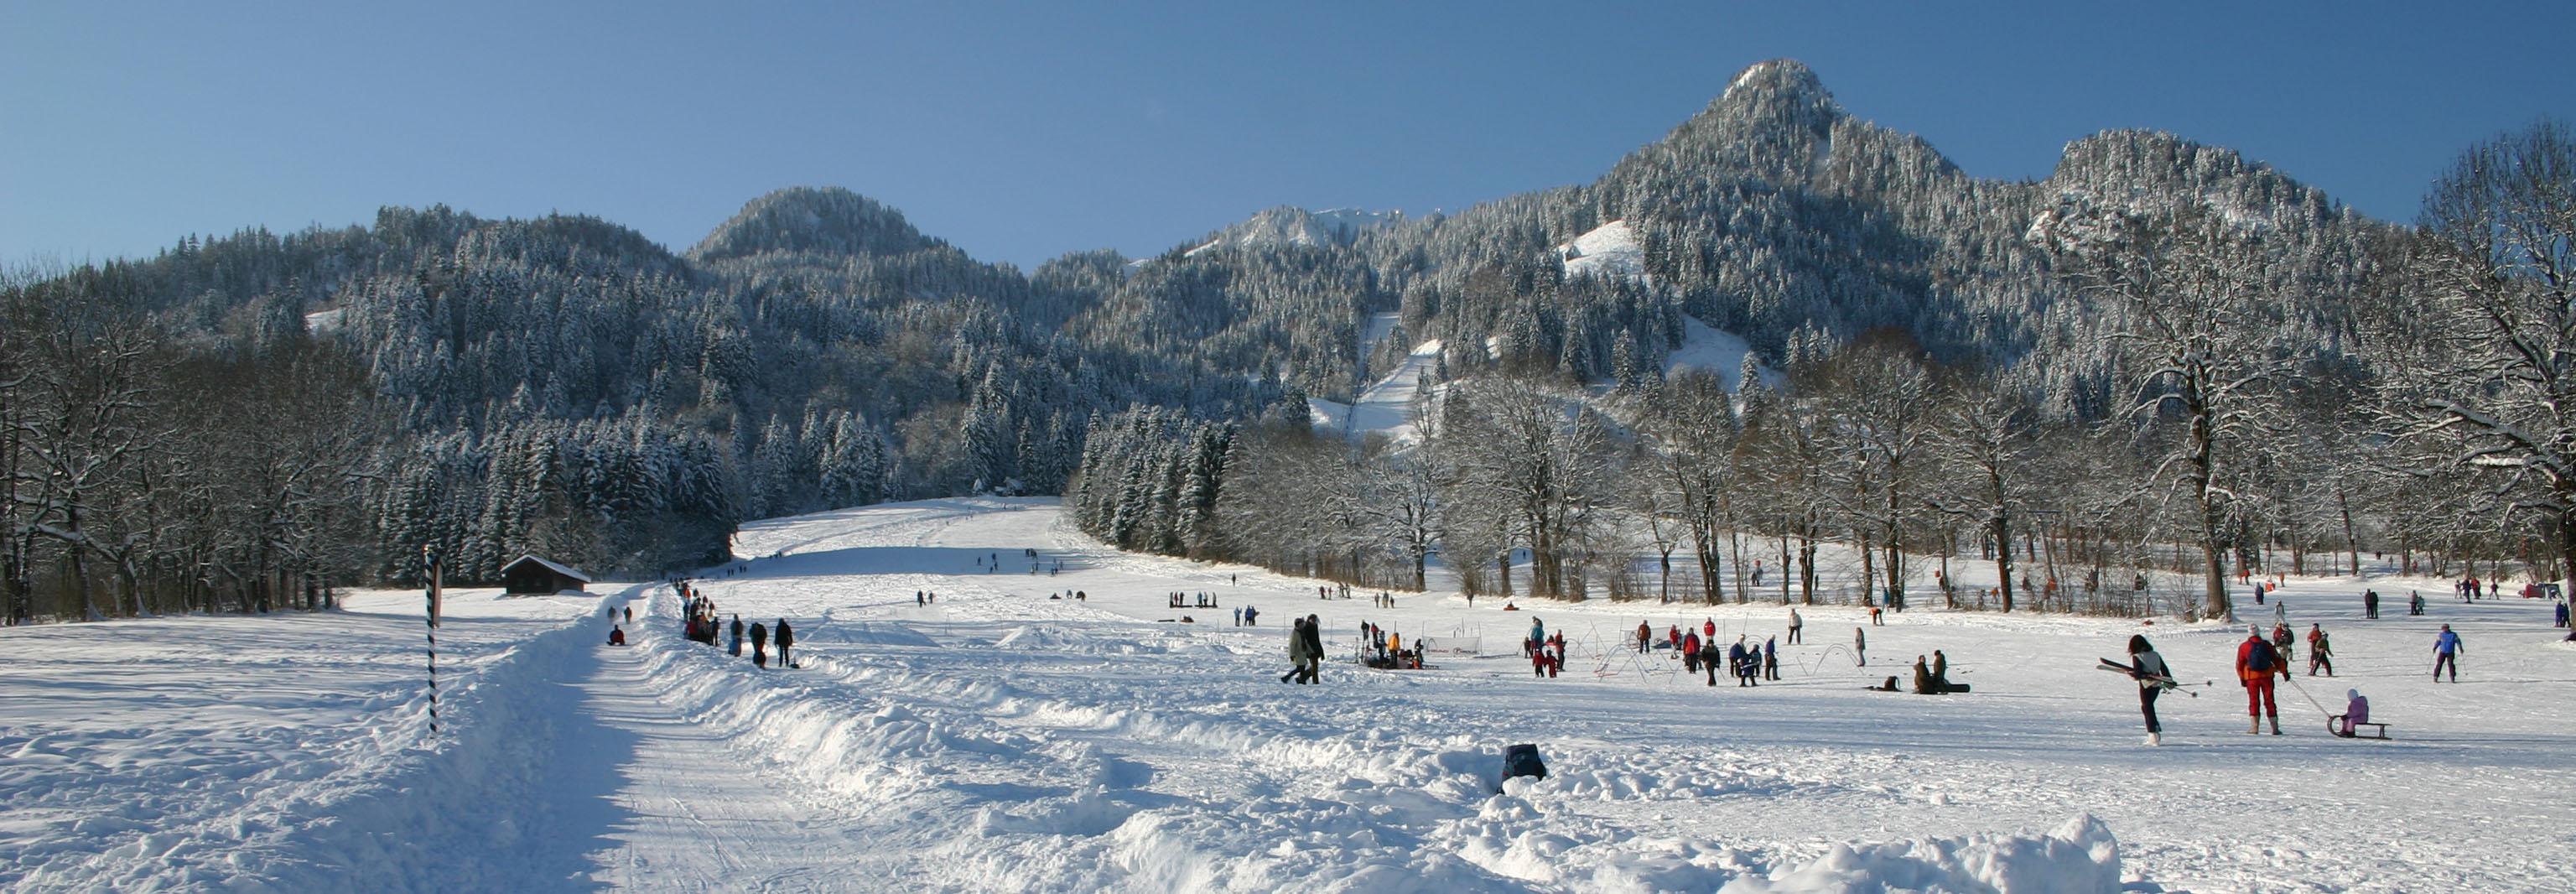 Rodel & Eislauf: Erlebnis Ochsenkopf im Fichtelgebirge Bayern